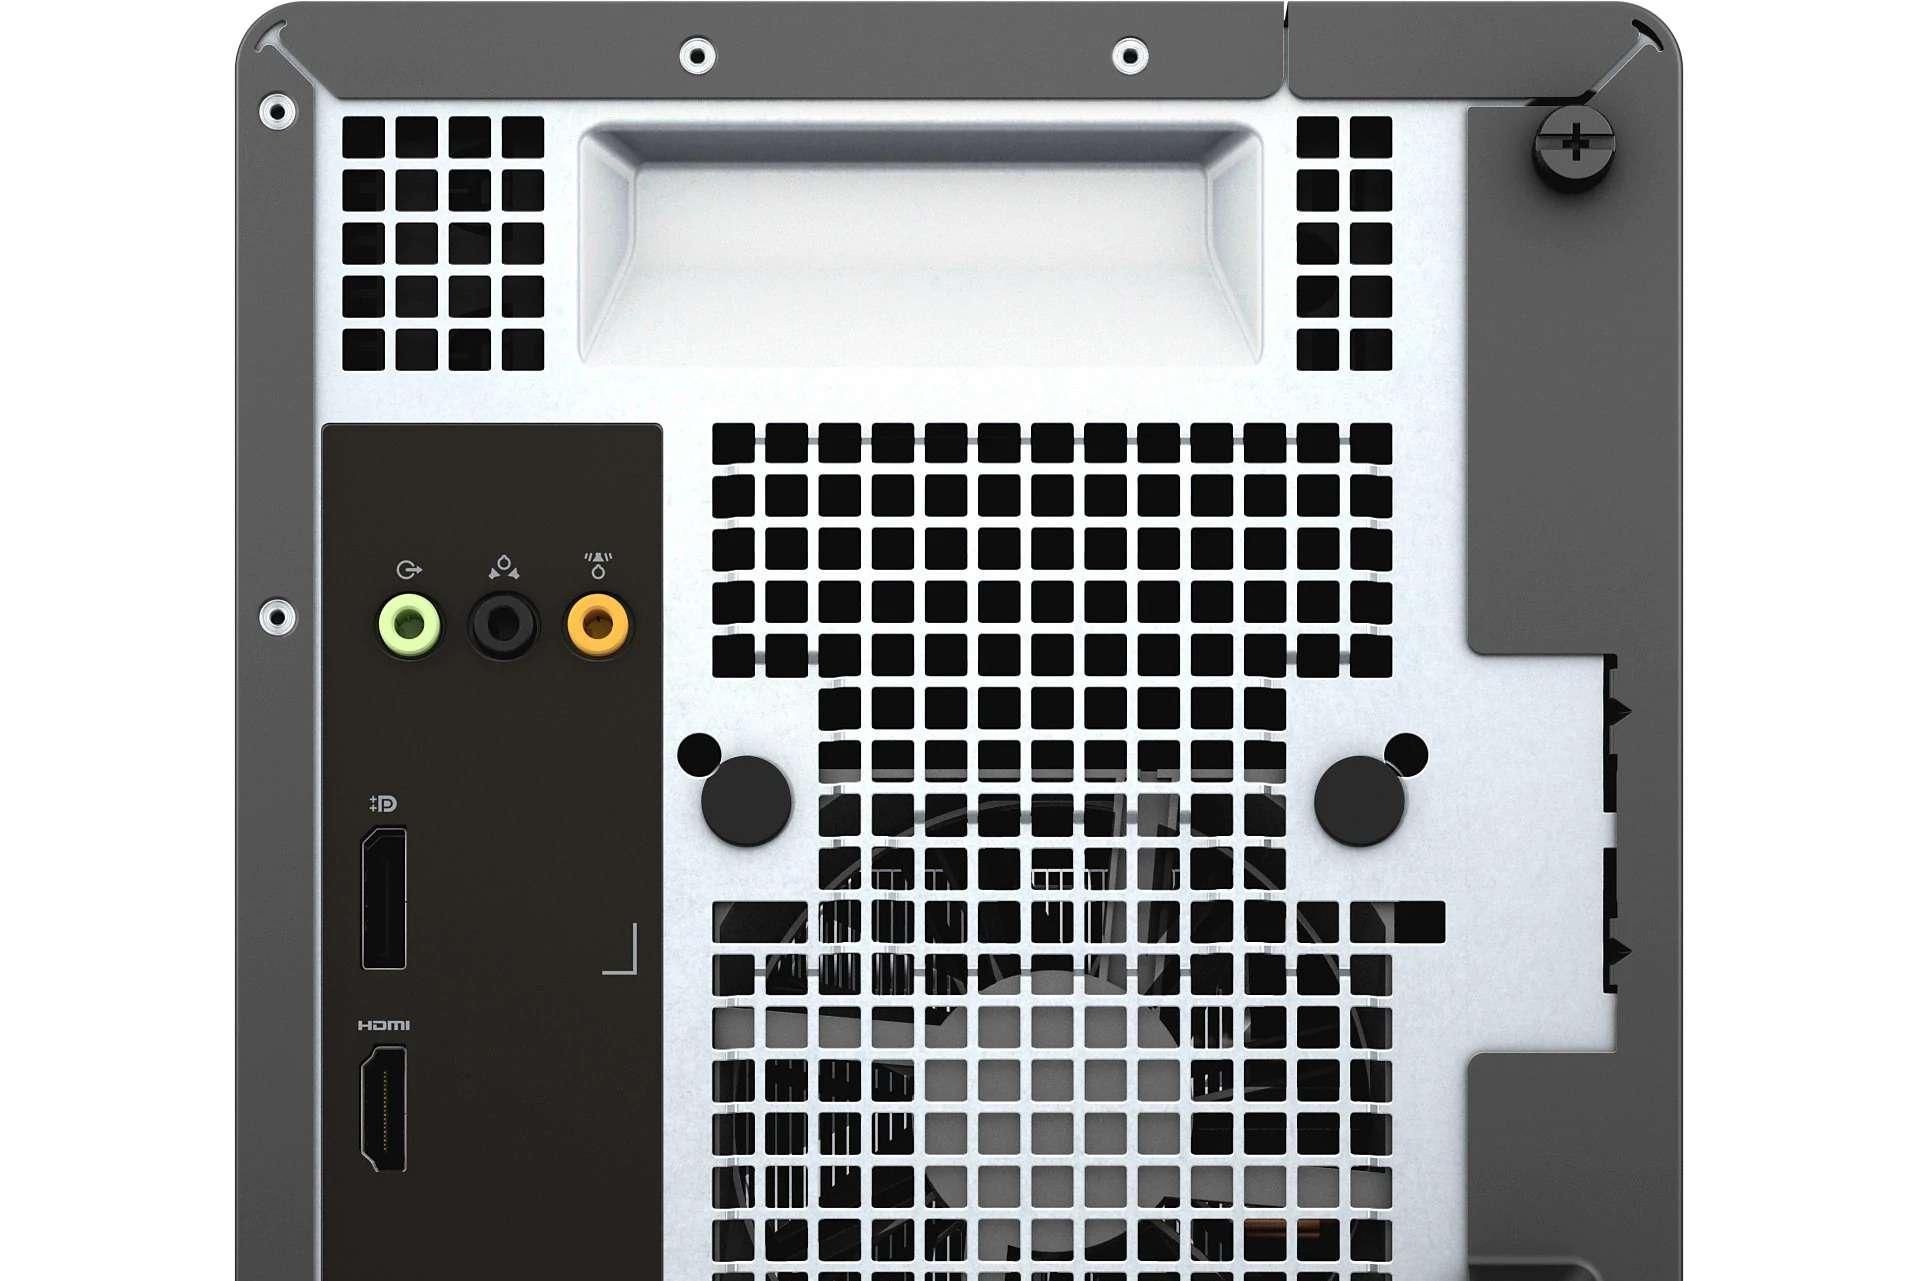 HDMI port on back of Dell XPS desktop computer